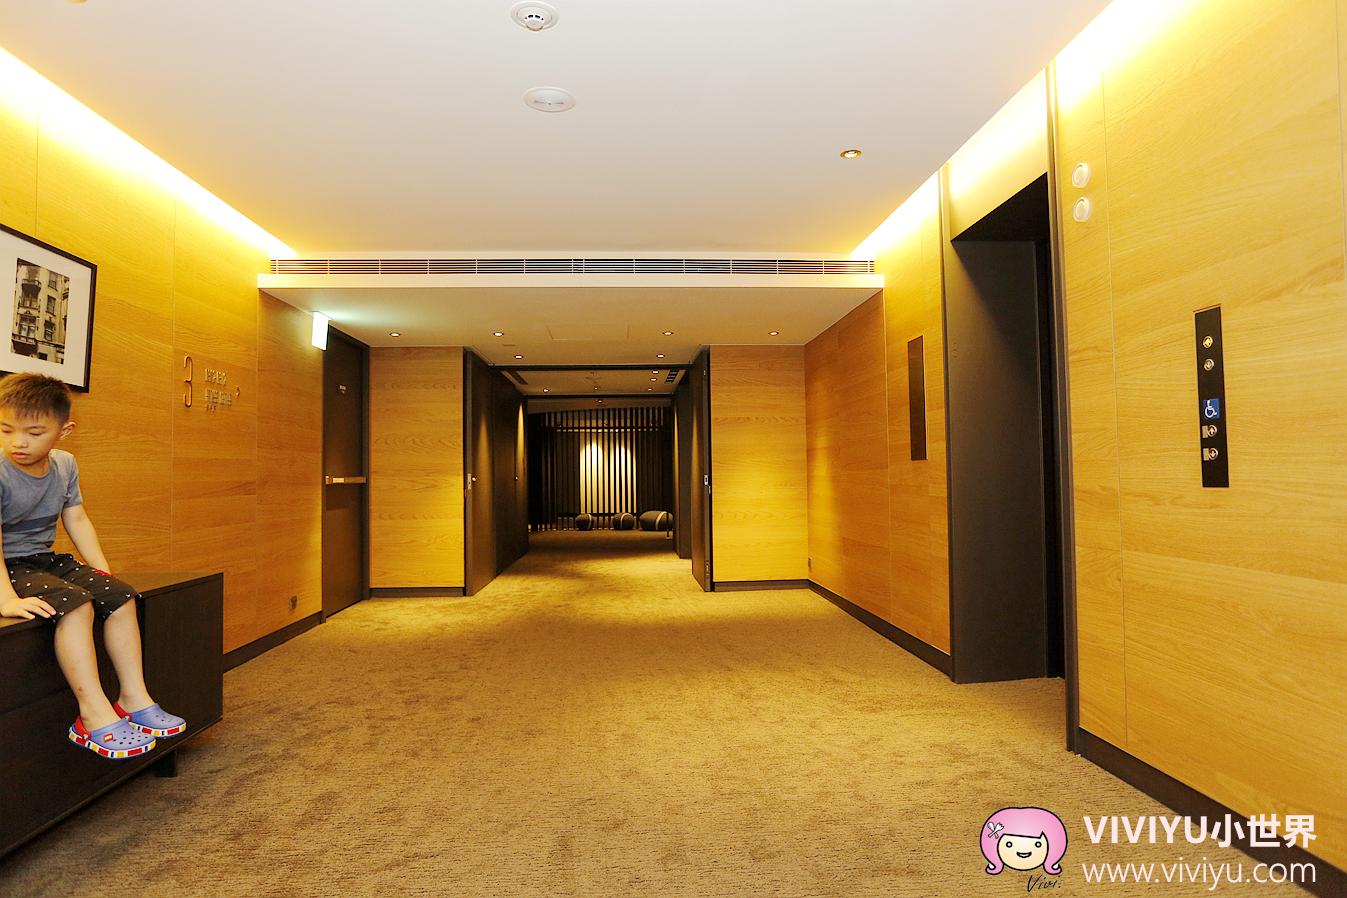 [台北.住宿]台北慕軒~都市小旅行交通方便.鄰近最美的林蔭大道.優質的飯店選擇 @VIVIYU小世界